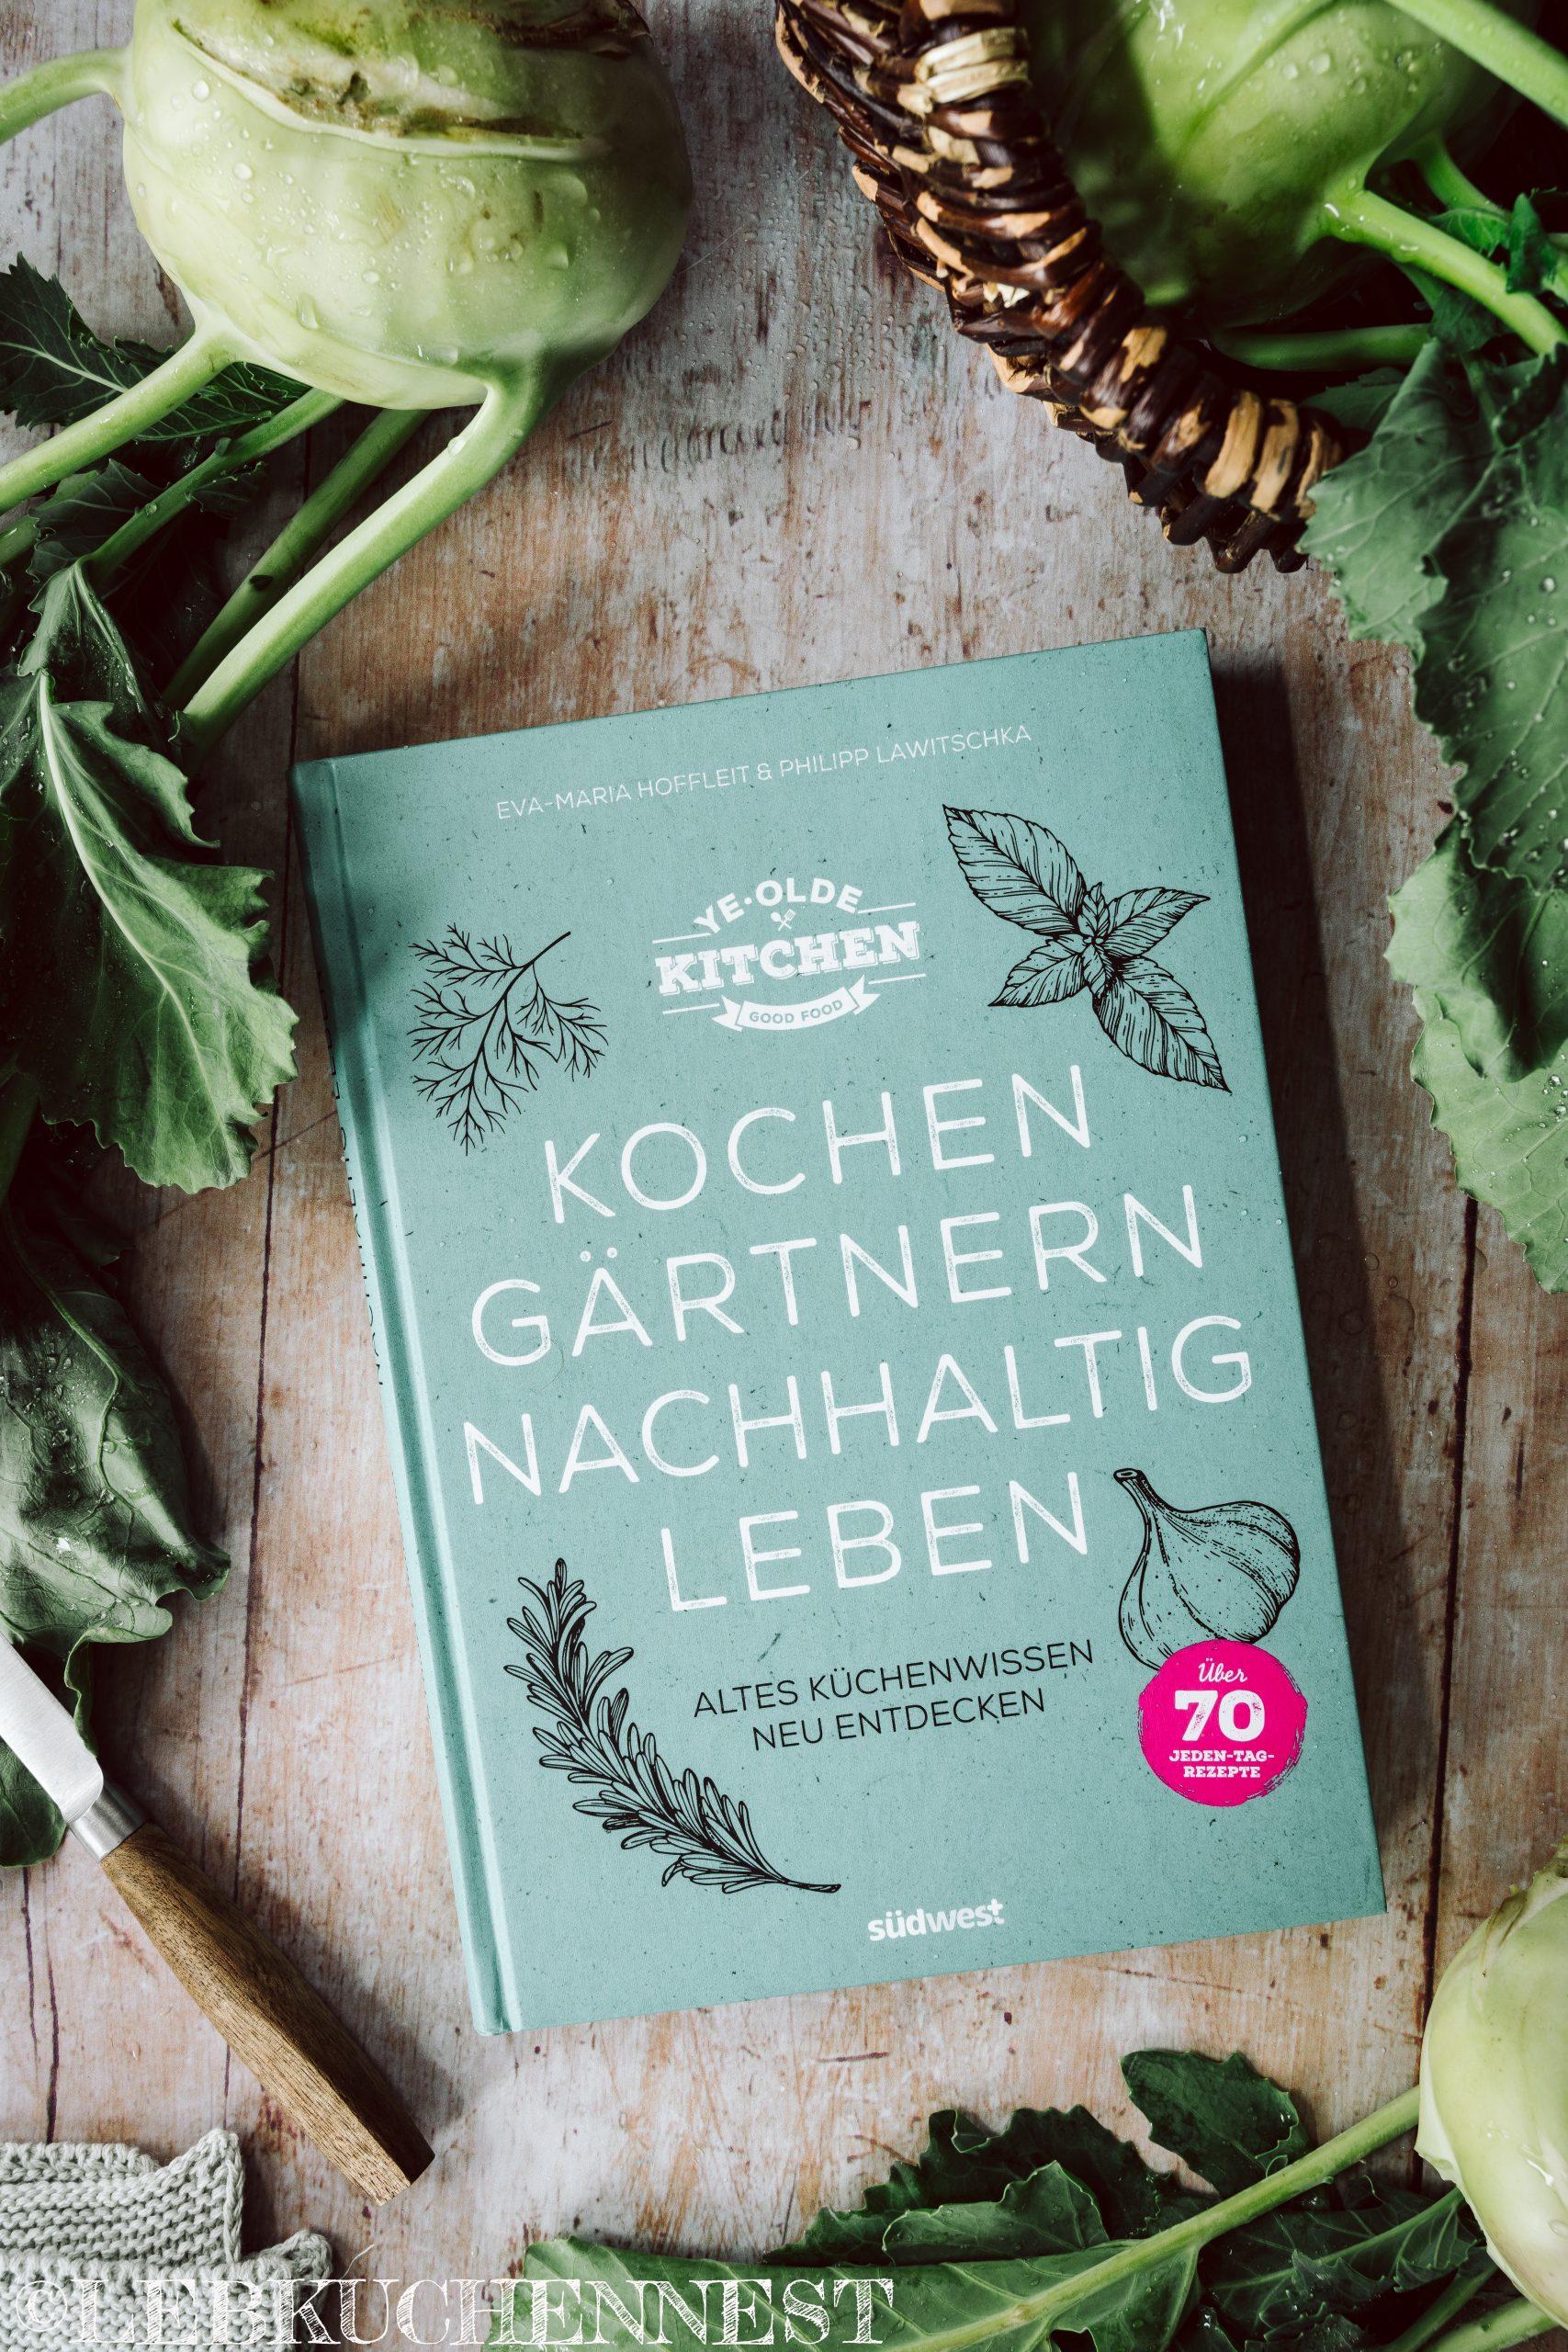 Rezension - Ye Olde Kitchen - Kochen, Gärtnern, nachhaltig leben